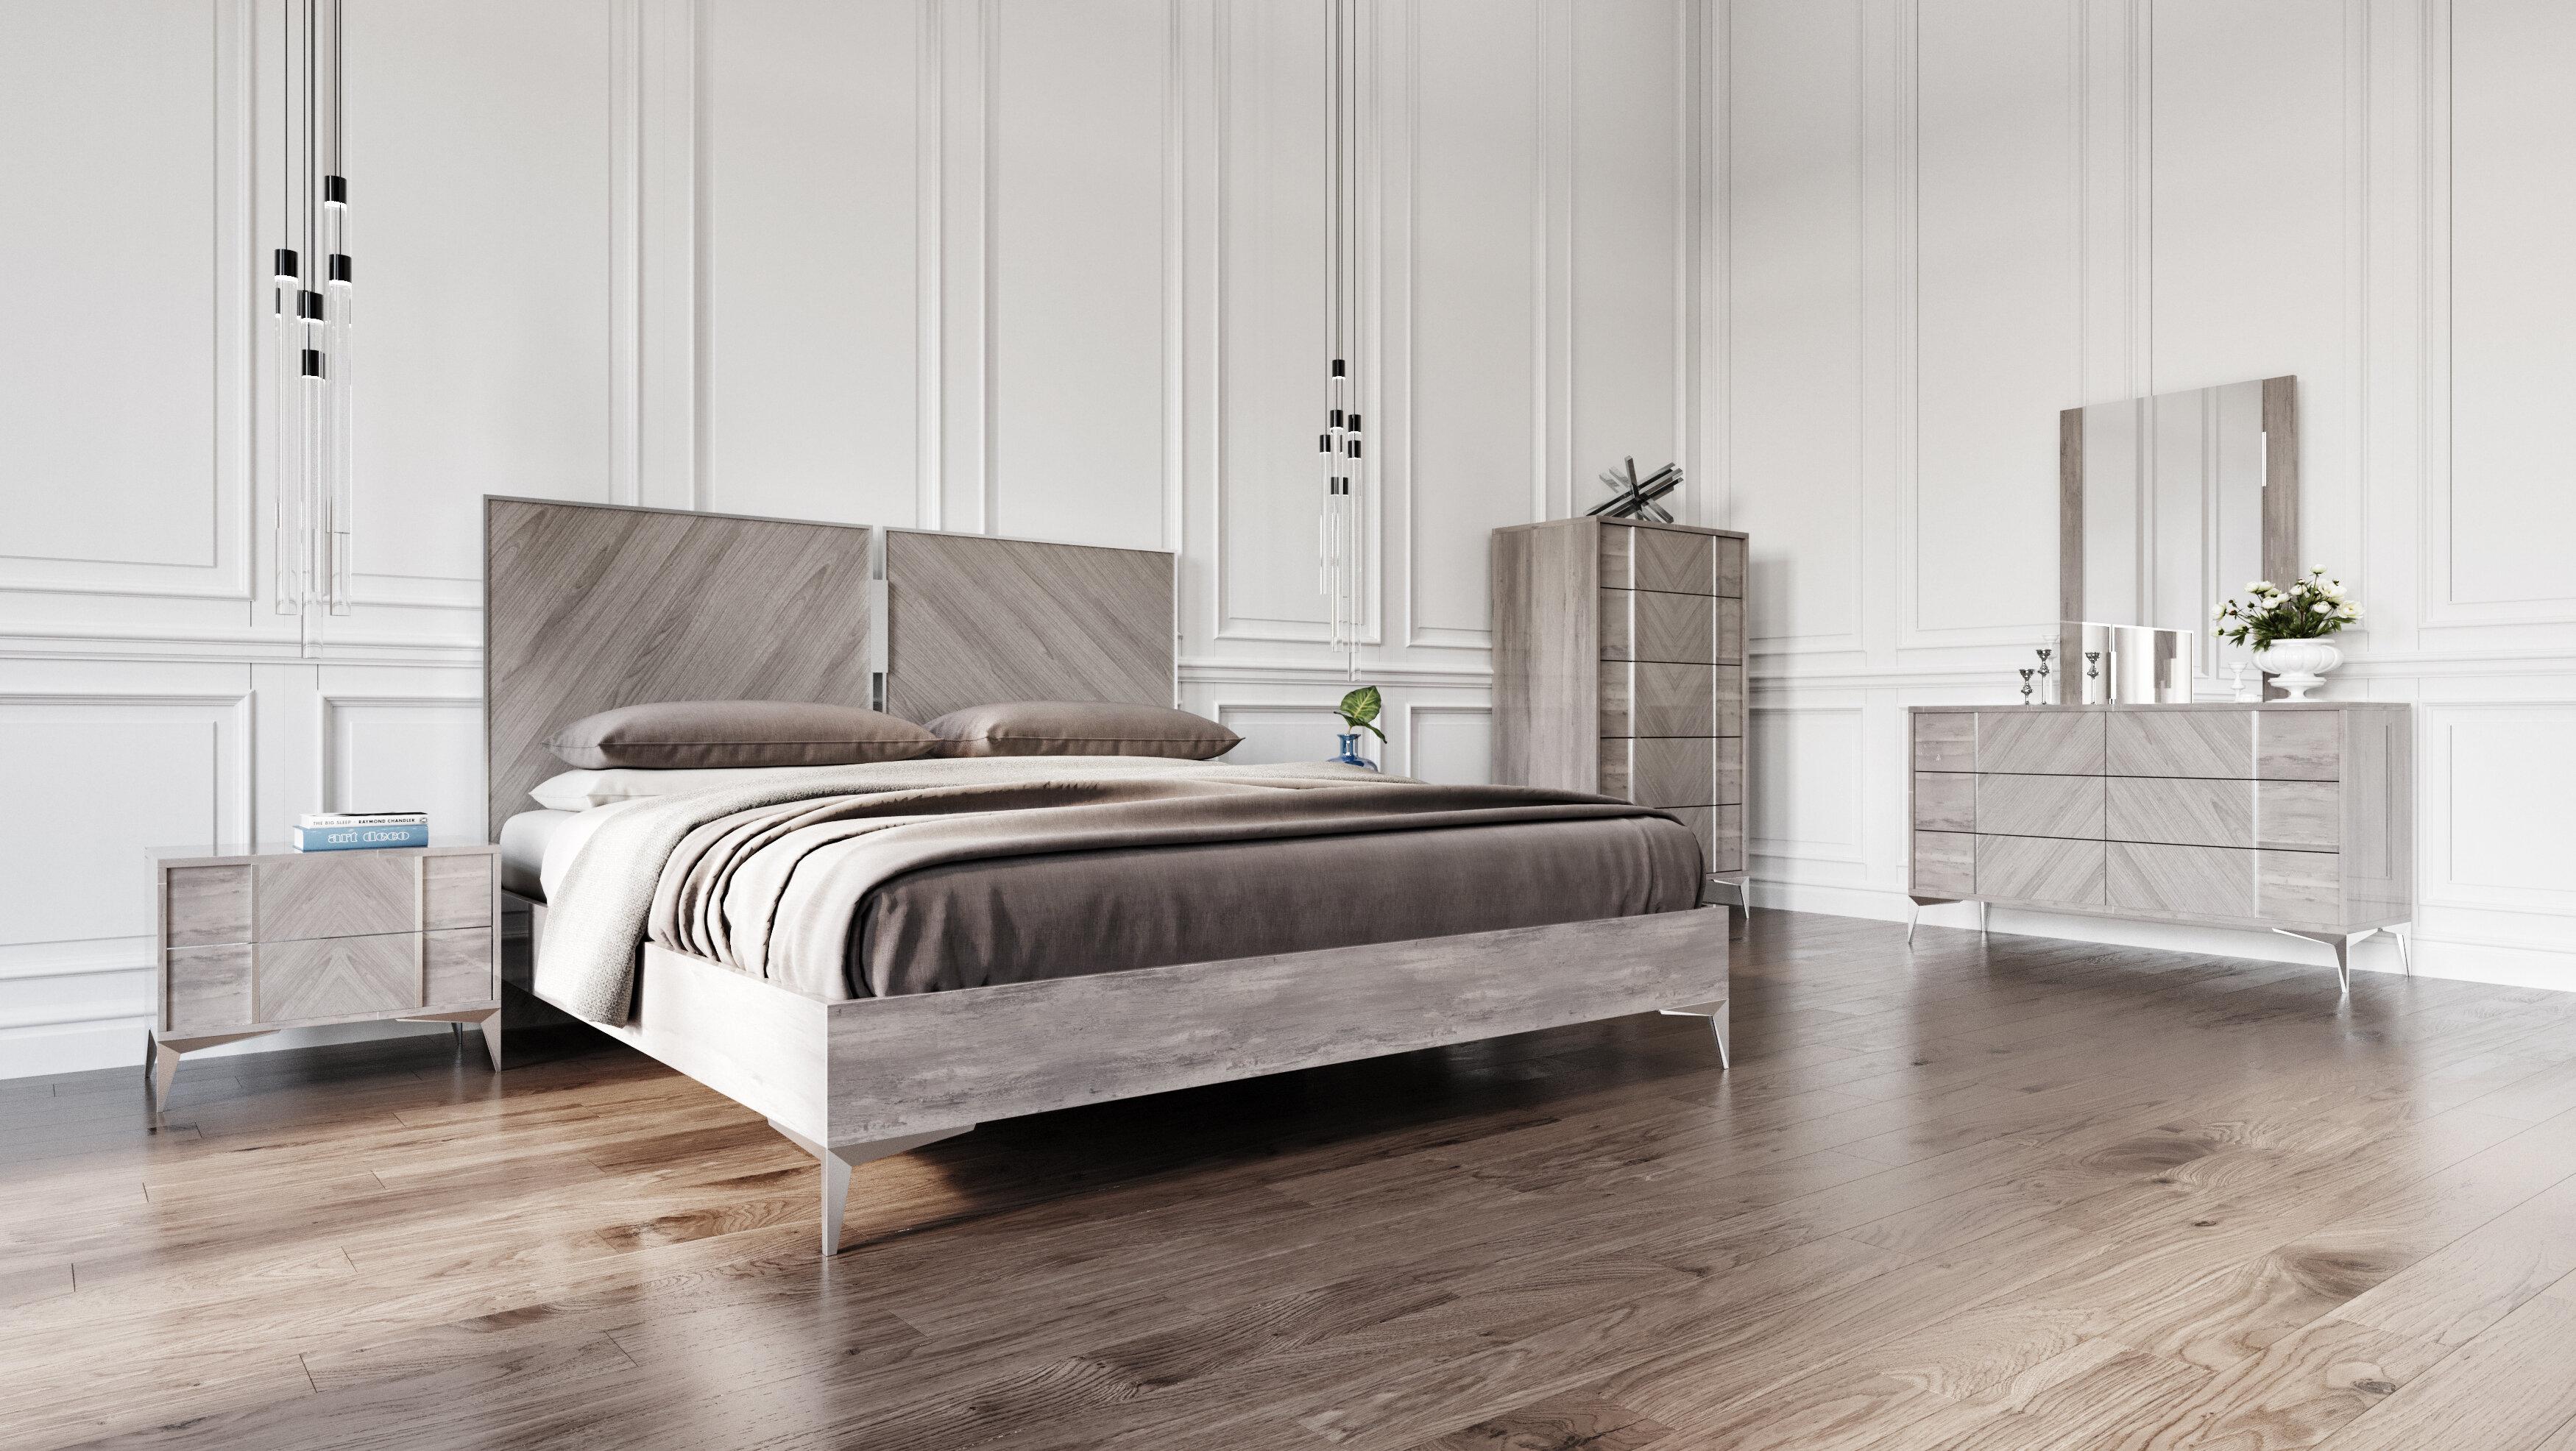 Brayden Studio Labombard Platform 5 Piece Bedroom Set | Wayfair